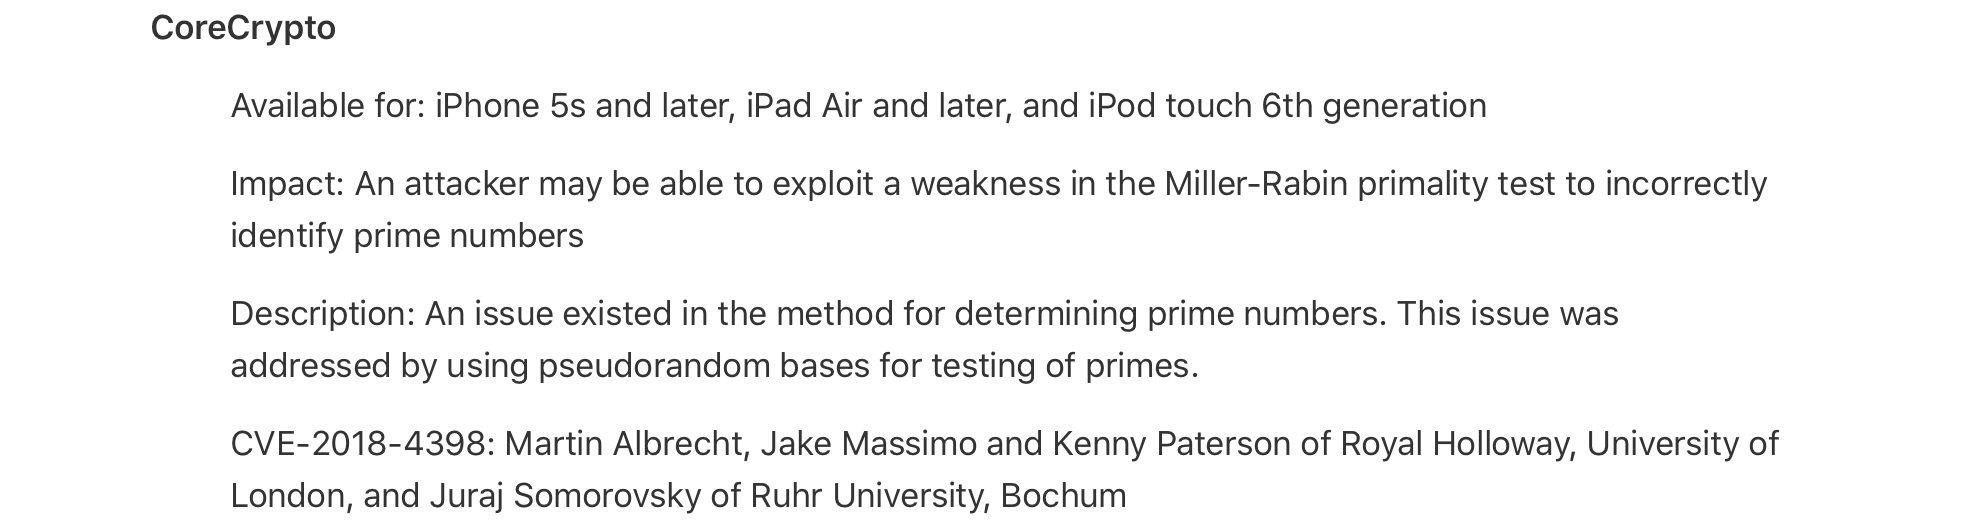 Auszug aus der Dokumentation des letzten Sicherheits-Updates von Apple mit der behobenen Sicherheitslücke, die Kenny Paterson mitentdeckt hat.